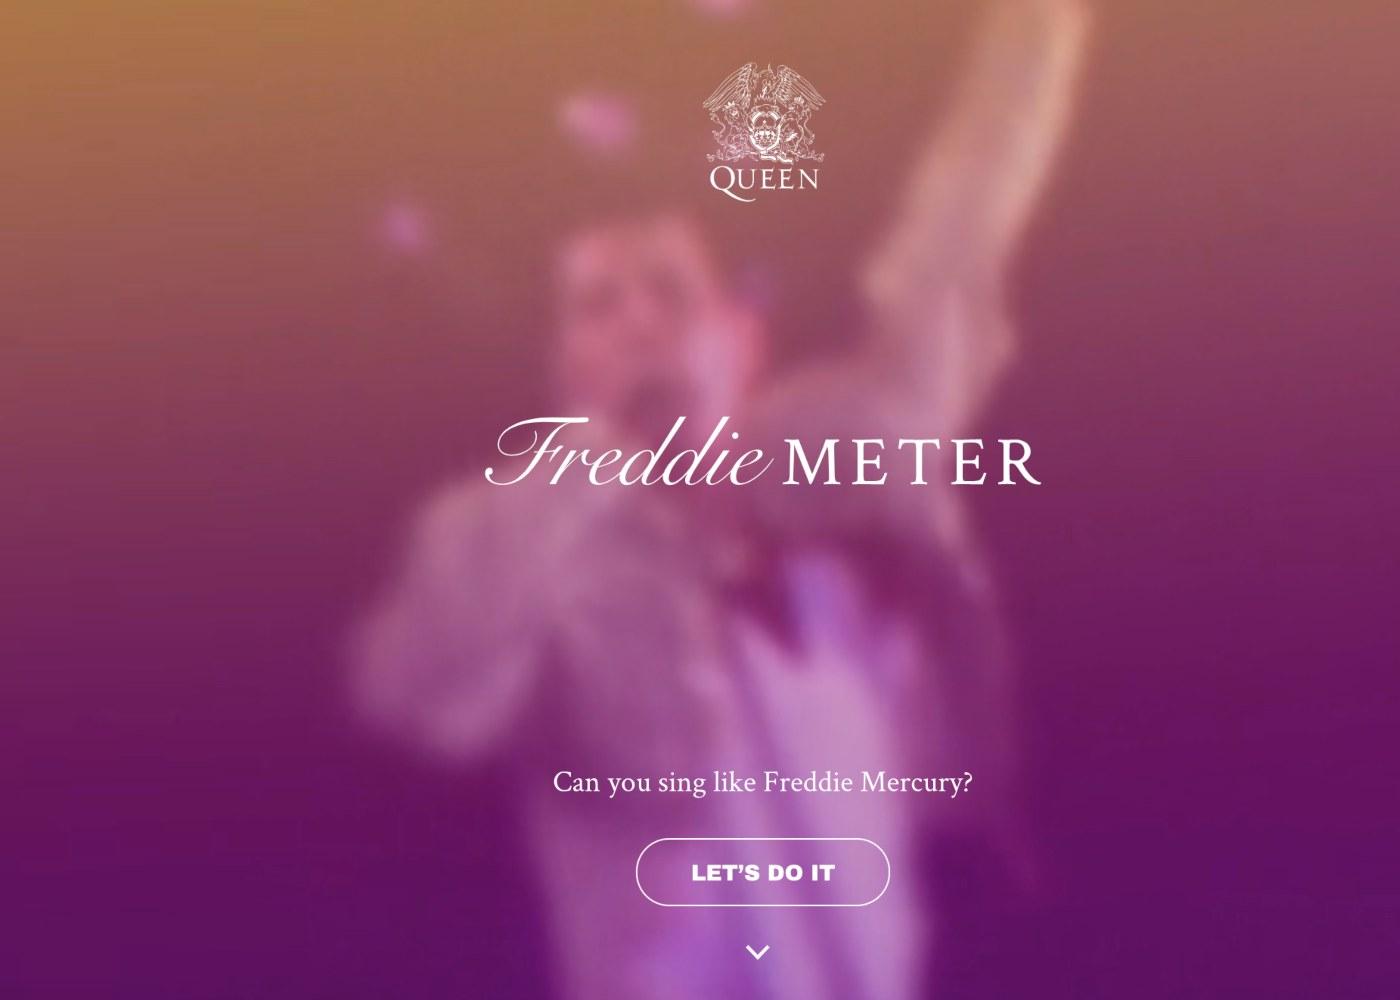 Freddie Mercury vocalista dos Queen